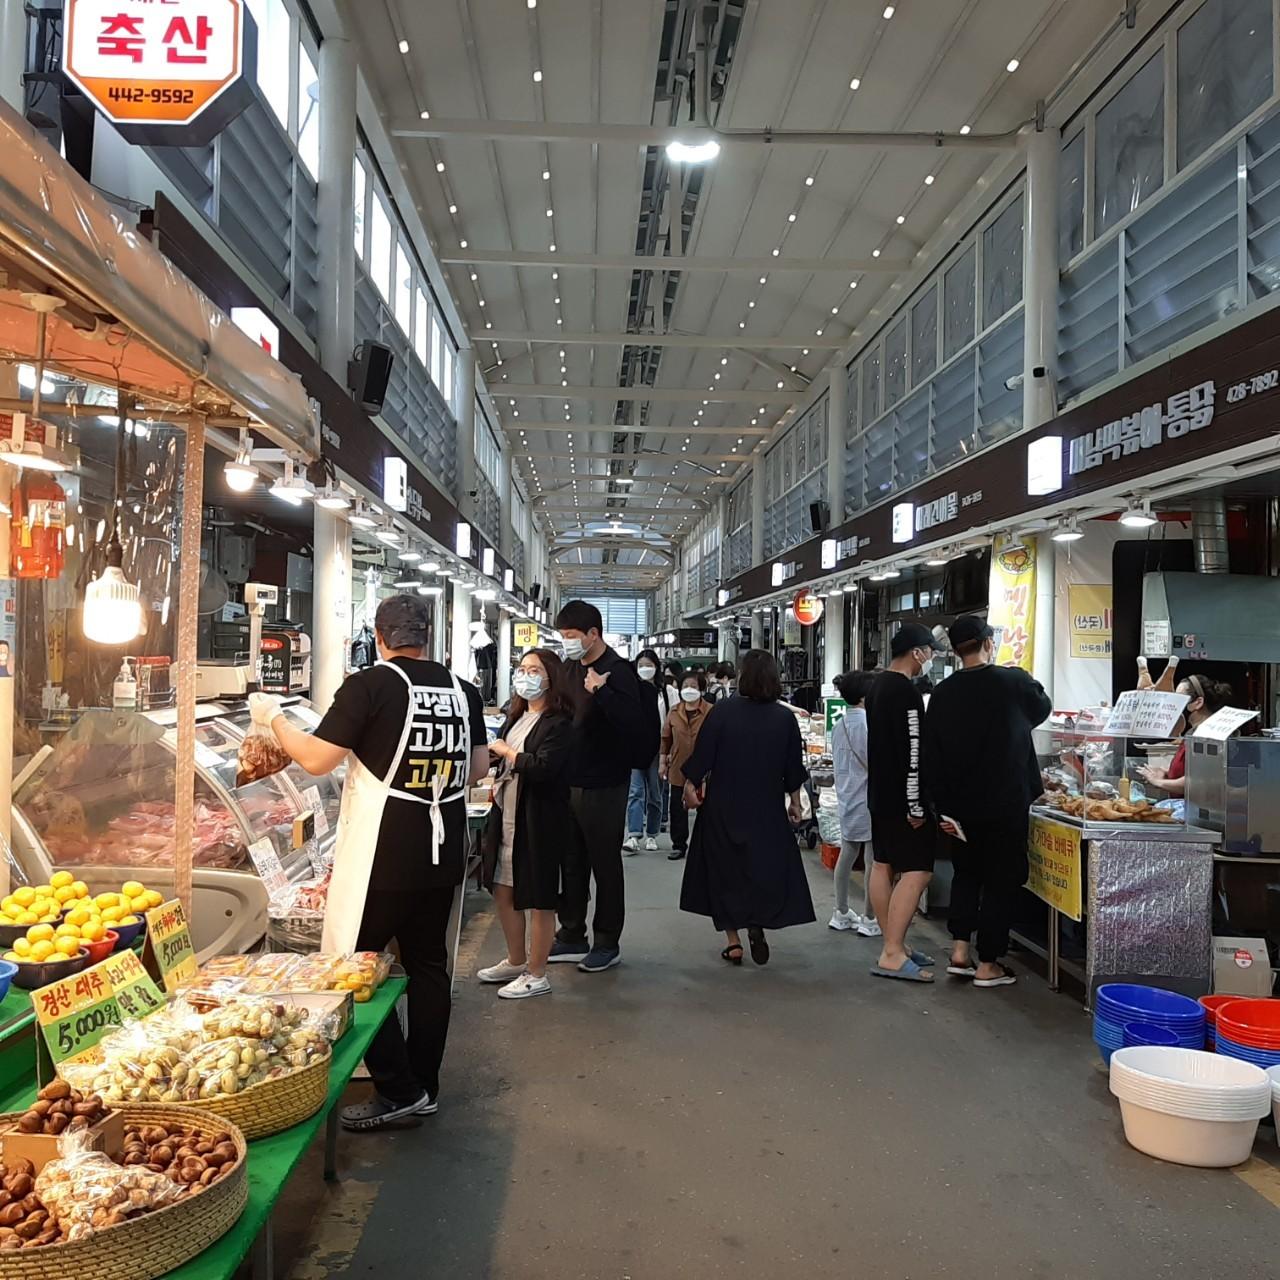 서울 강동구 명일전통시장을 찾은 시민들이 상품을 살펴보고 있다. 외식분야 쿠폰도 방역 상황을 봐가며 추후 제공할 계획이다.